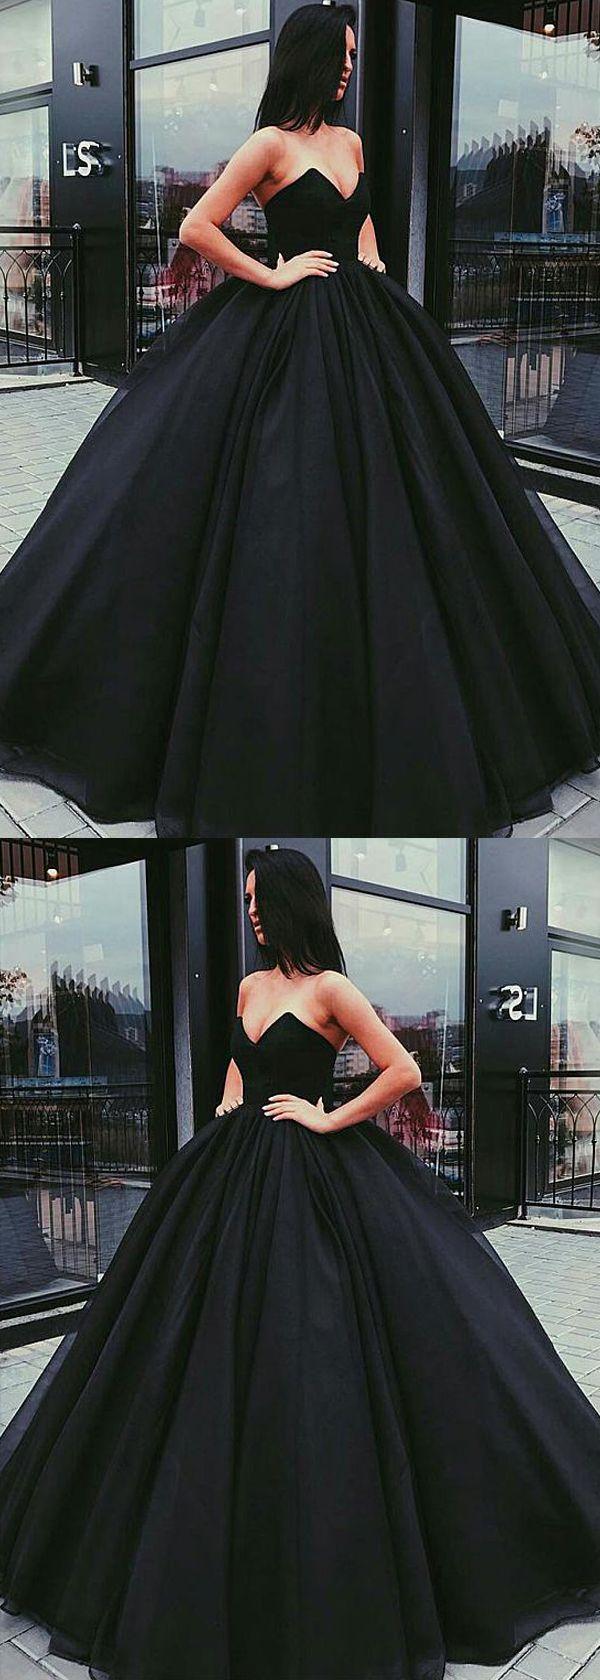 Unique Organza  Satin Vneck Neckline Ball Gown Evening Dress  Kleider für bälle